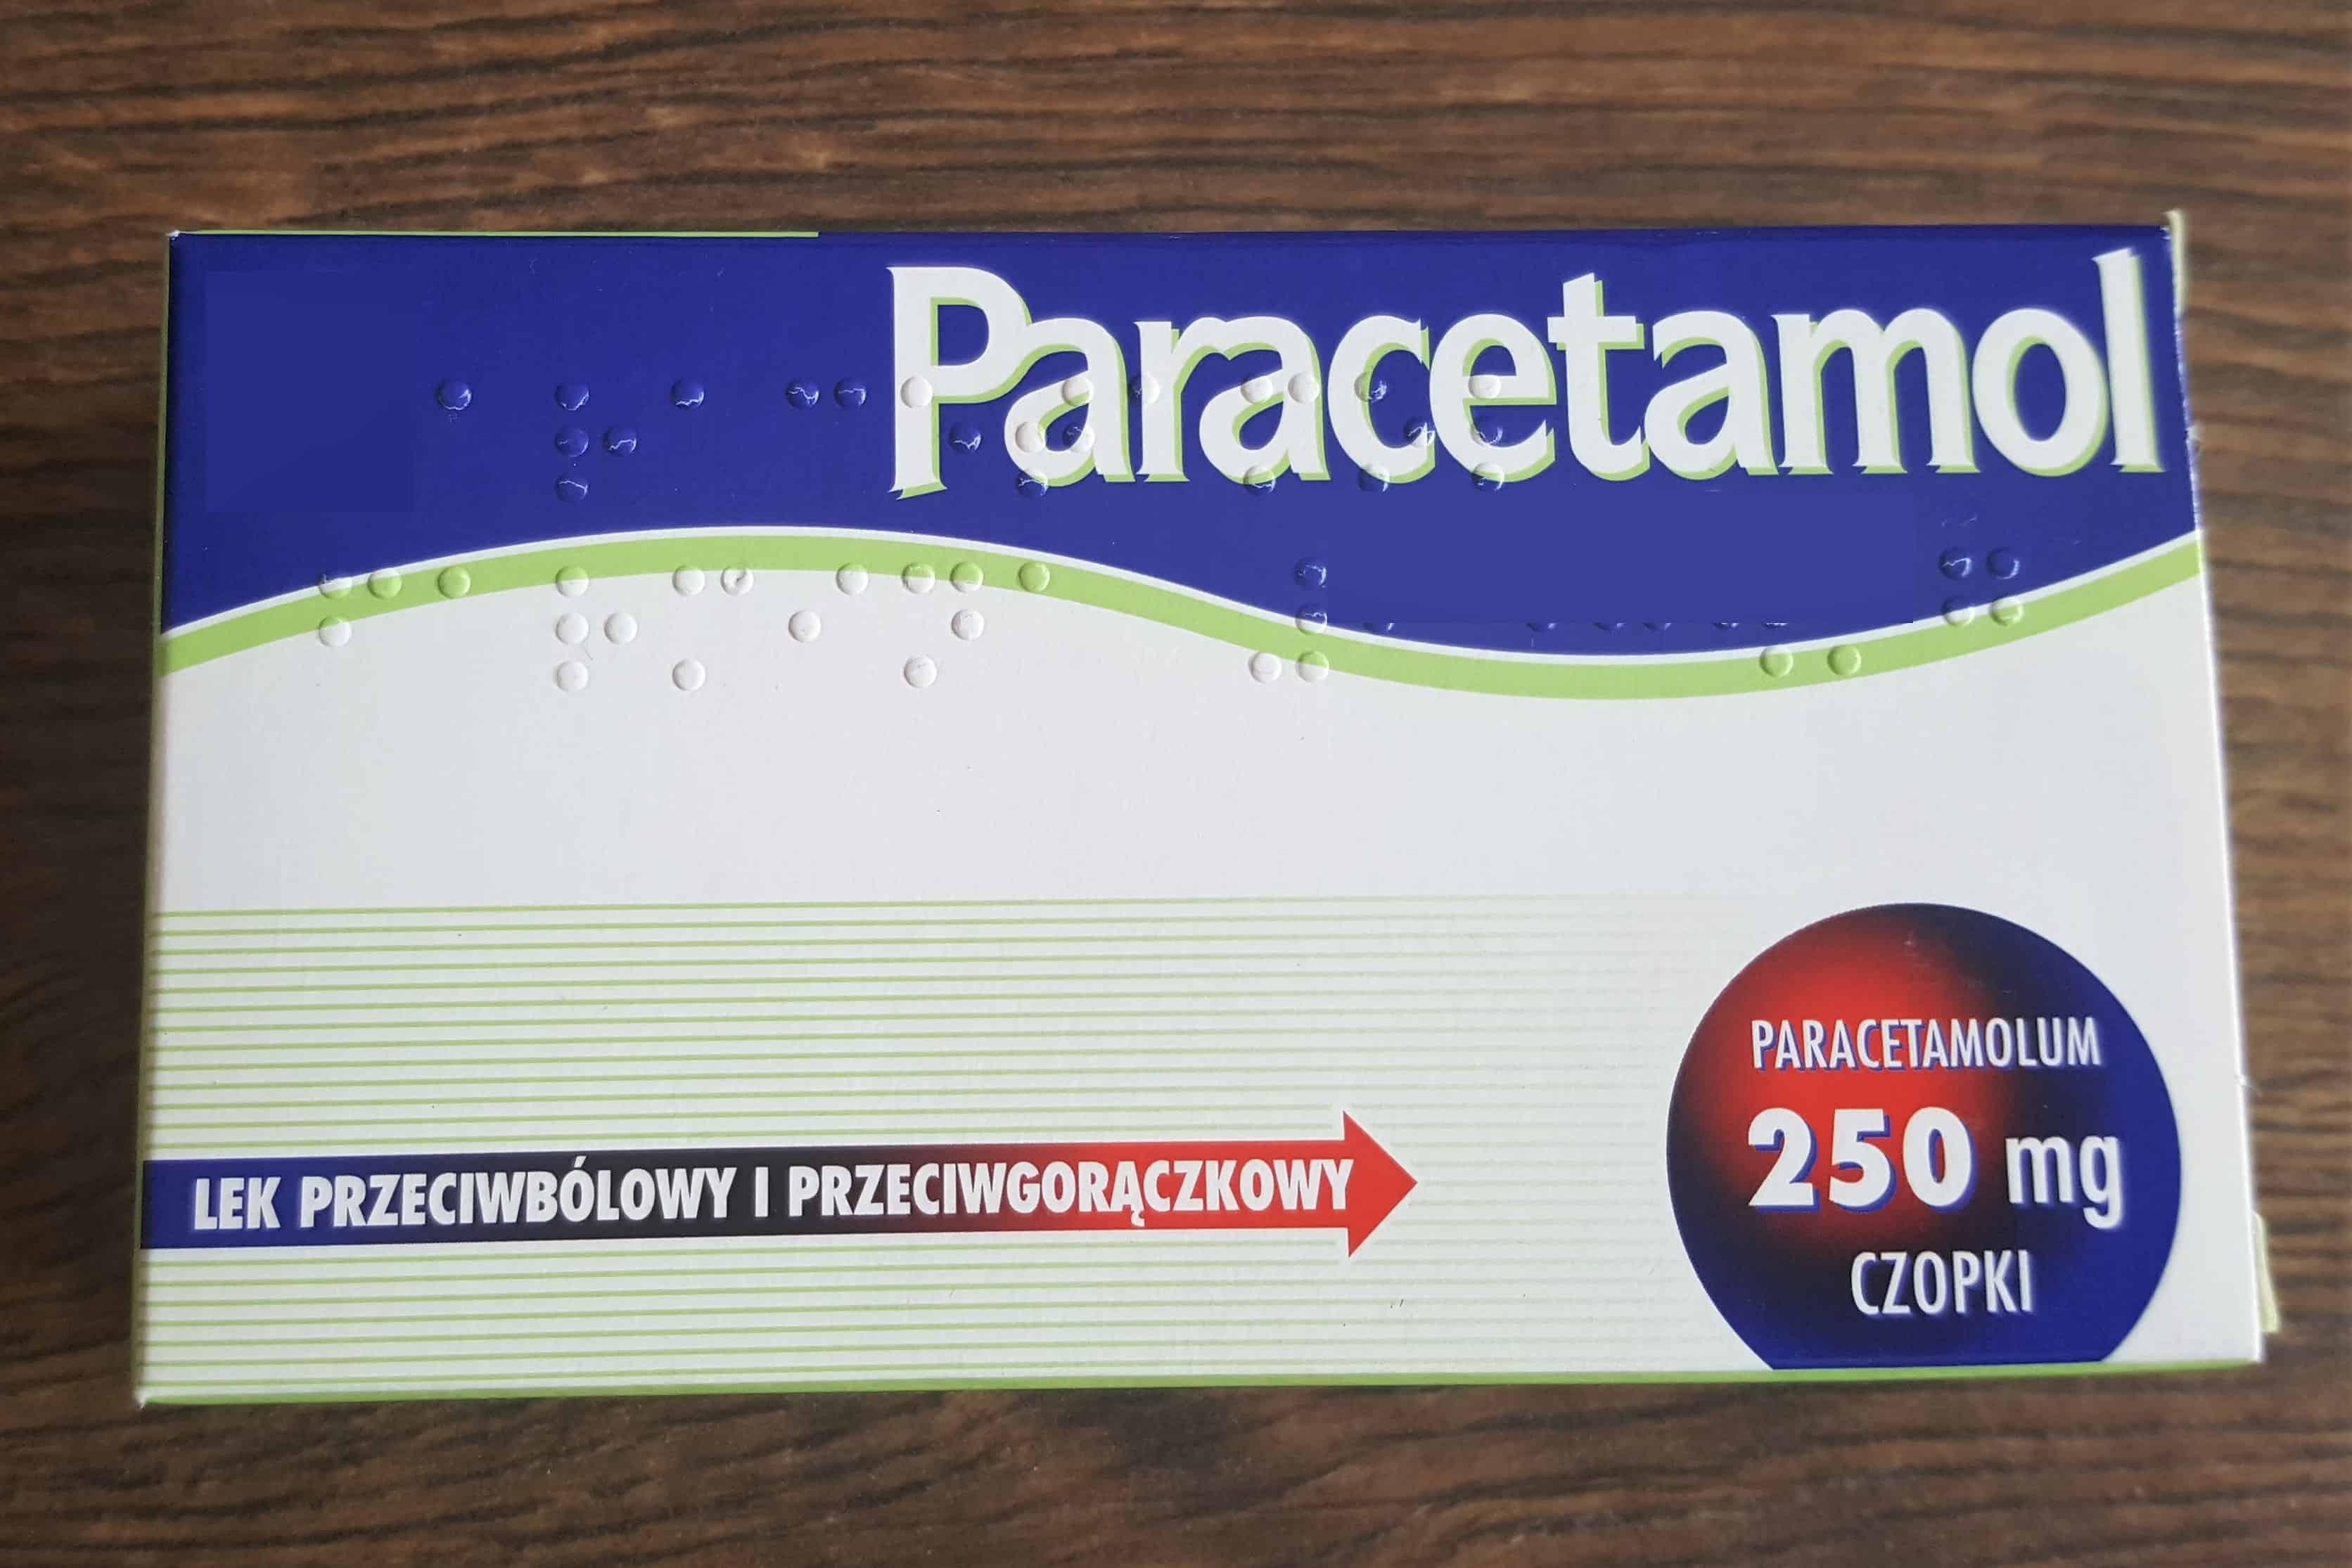 Paracetamol wczopkach, Matka Aptekarka